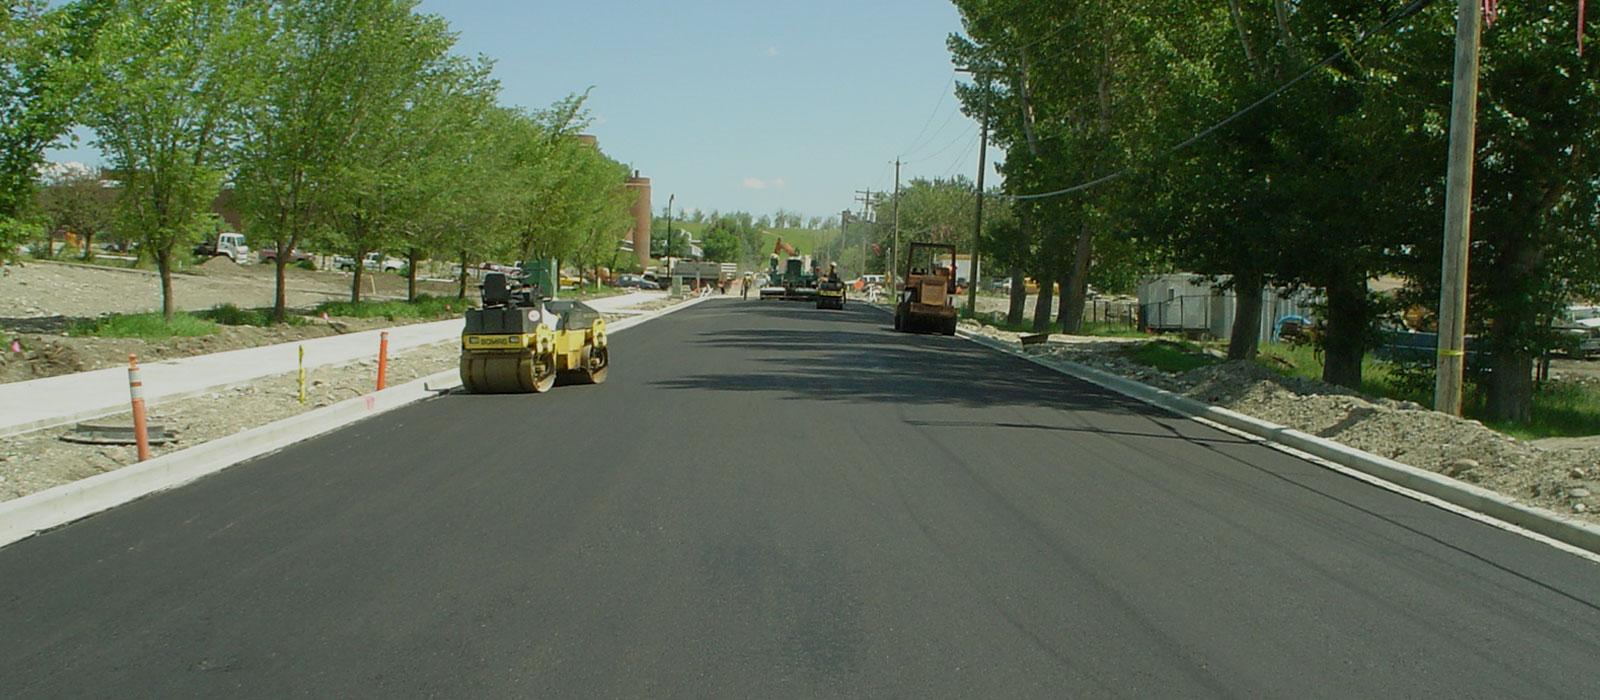 Paving Roadway